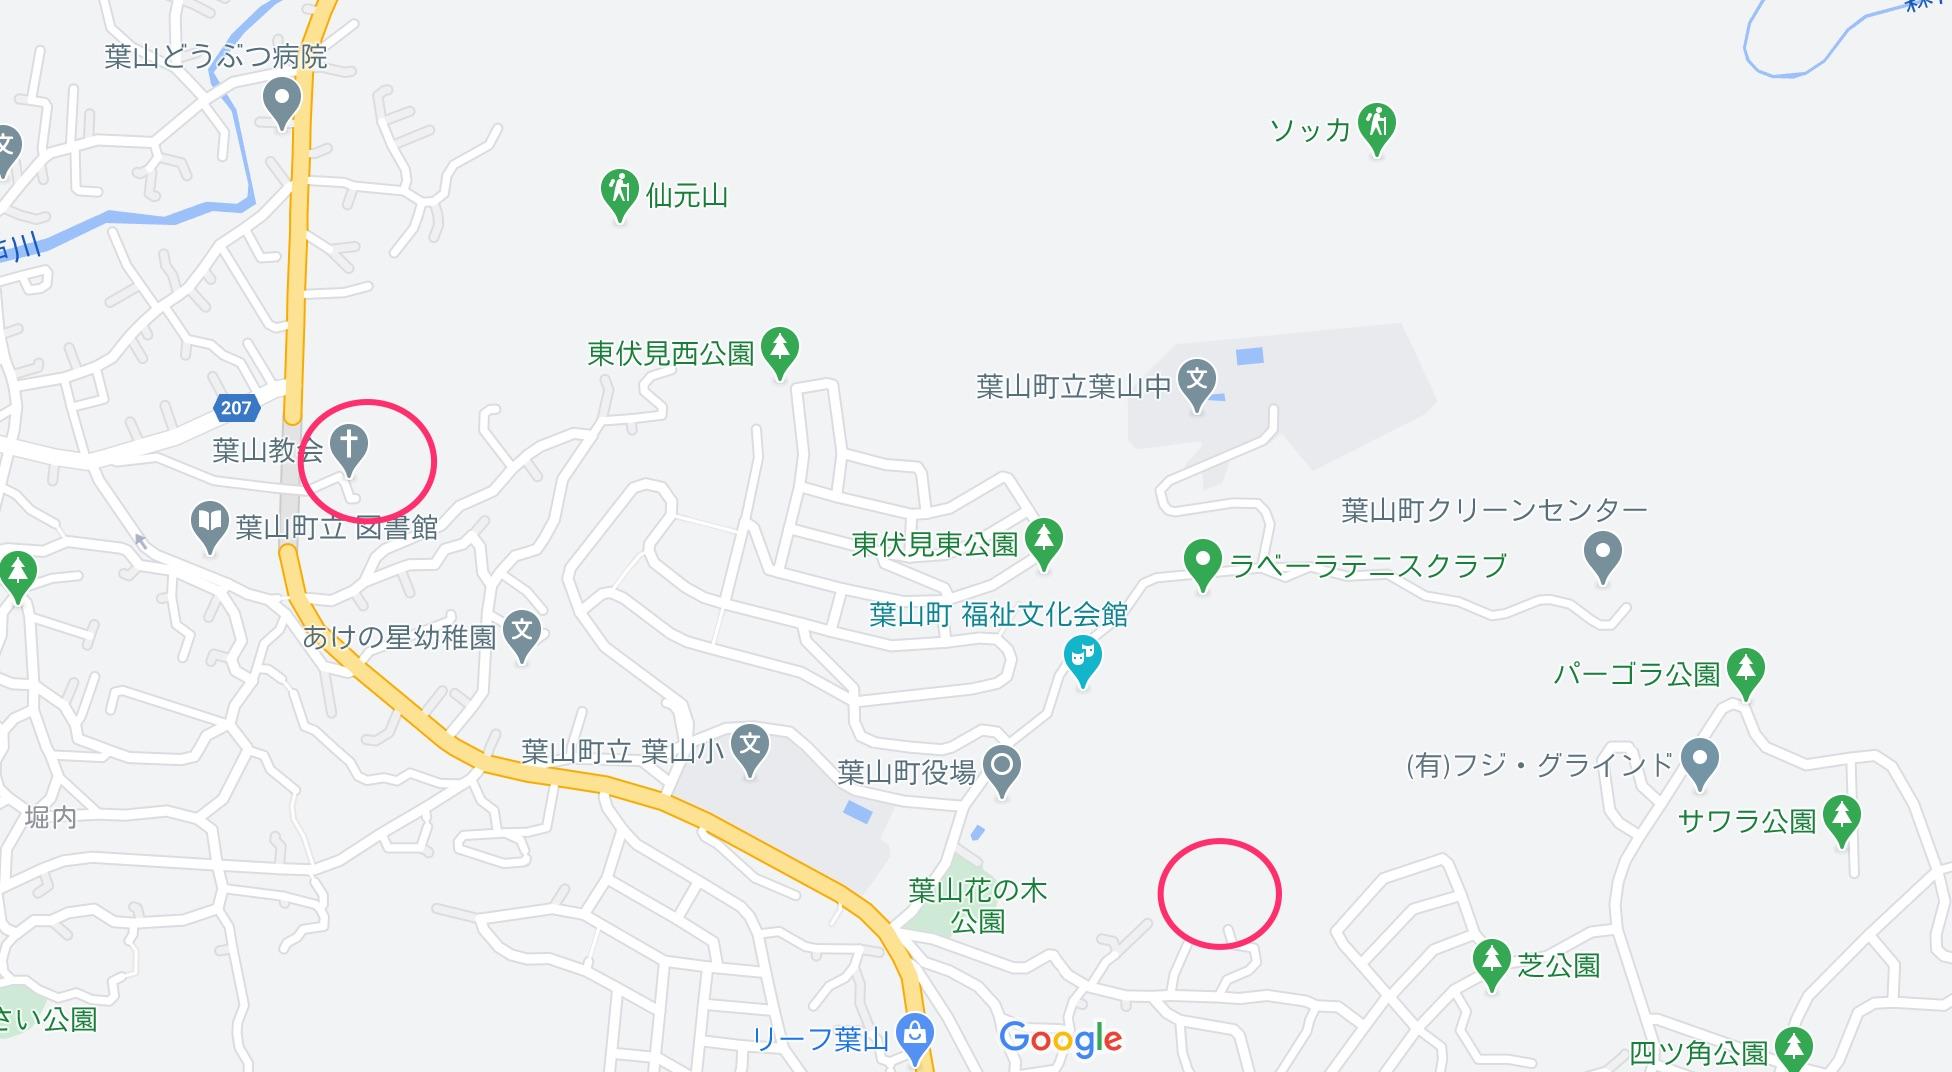 仙元山ハイキングコース2つのスタート、どちらがおすすめ?